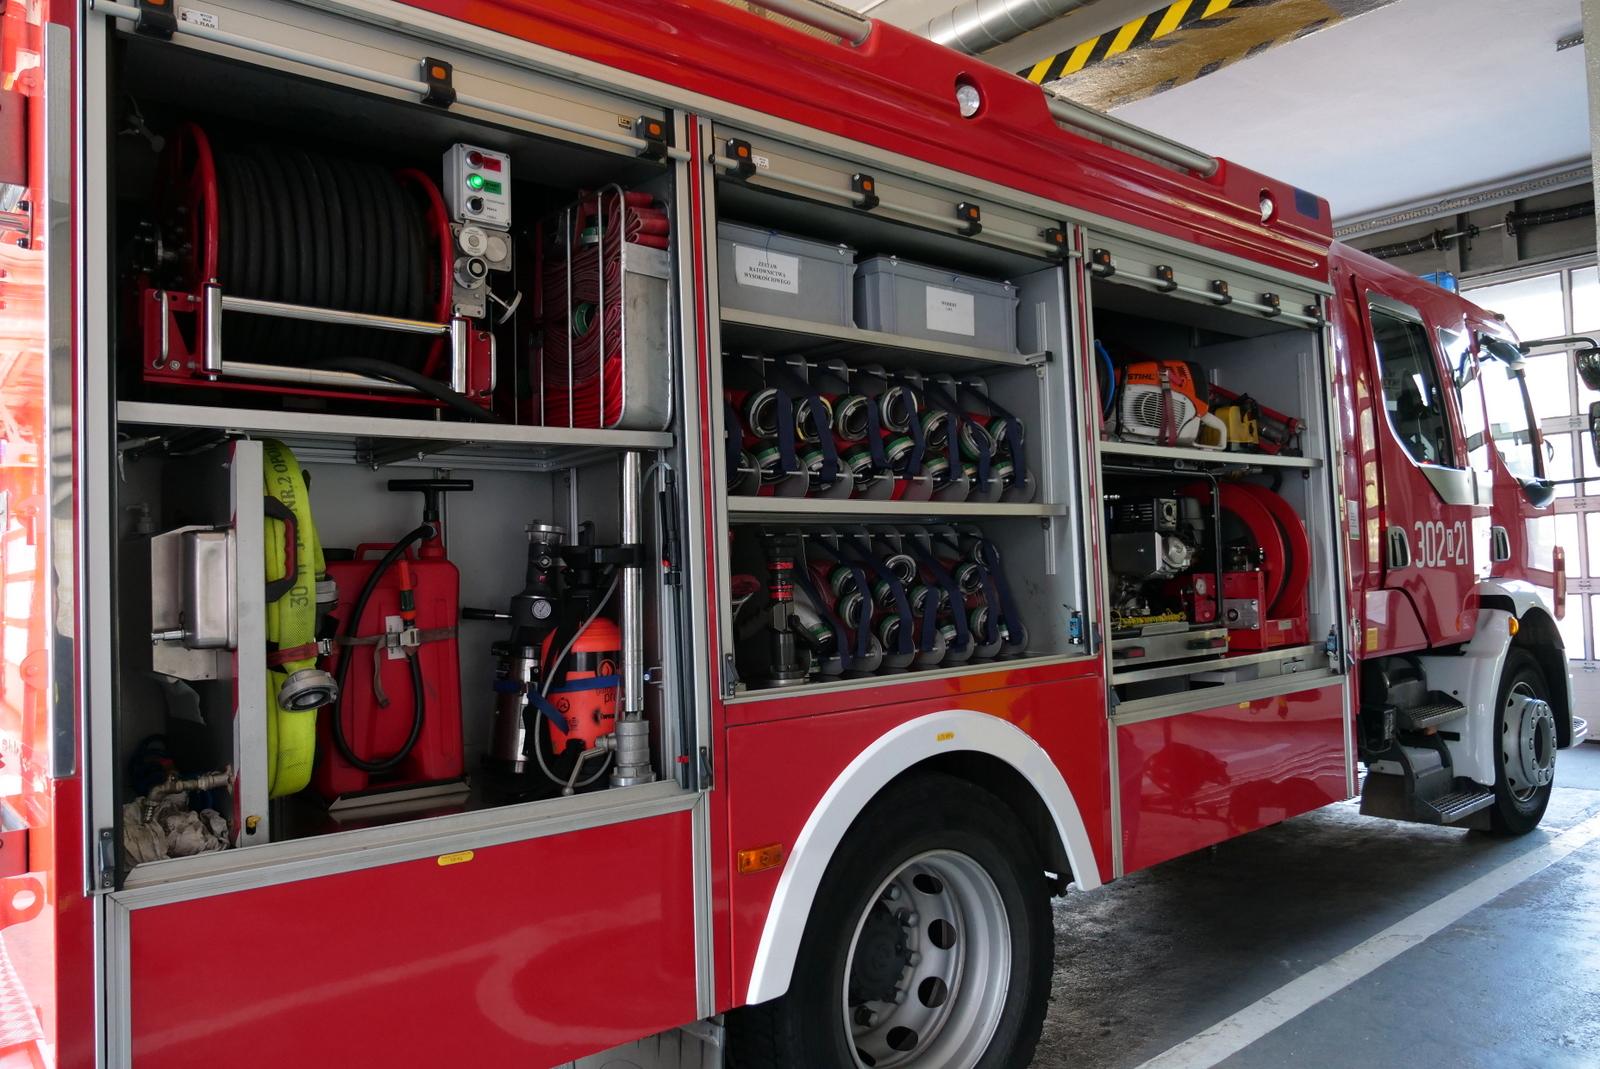 Strażacy walczyli z pożarem budynku mieszkalnego przy ulicy Strzeleckiej w Opolu. Nie ma osób rannych